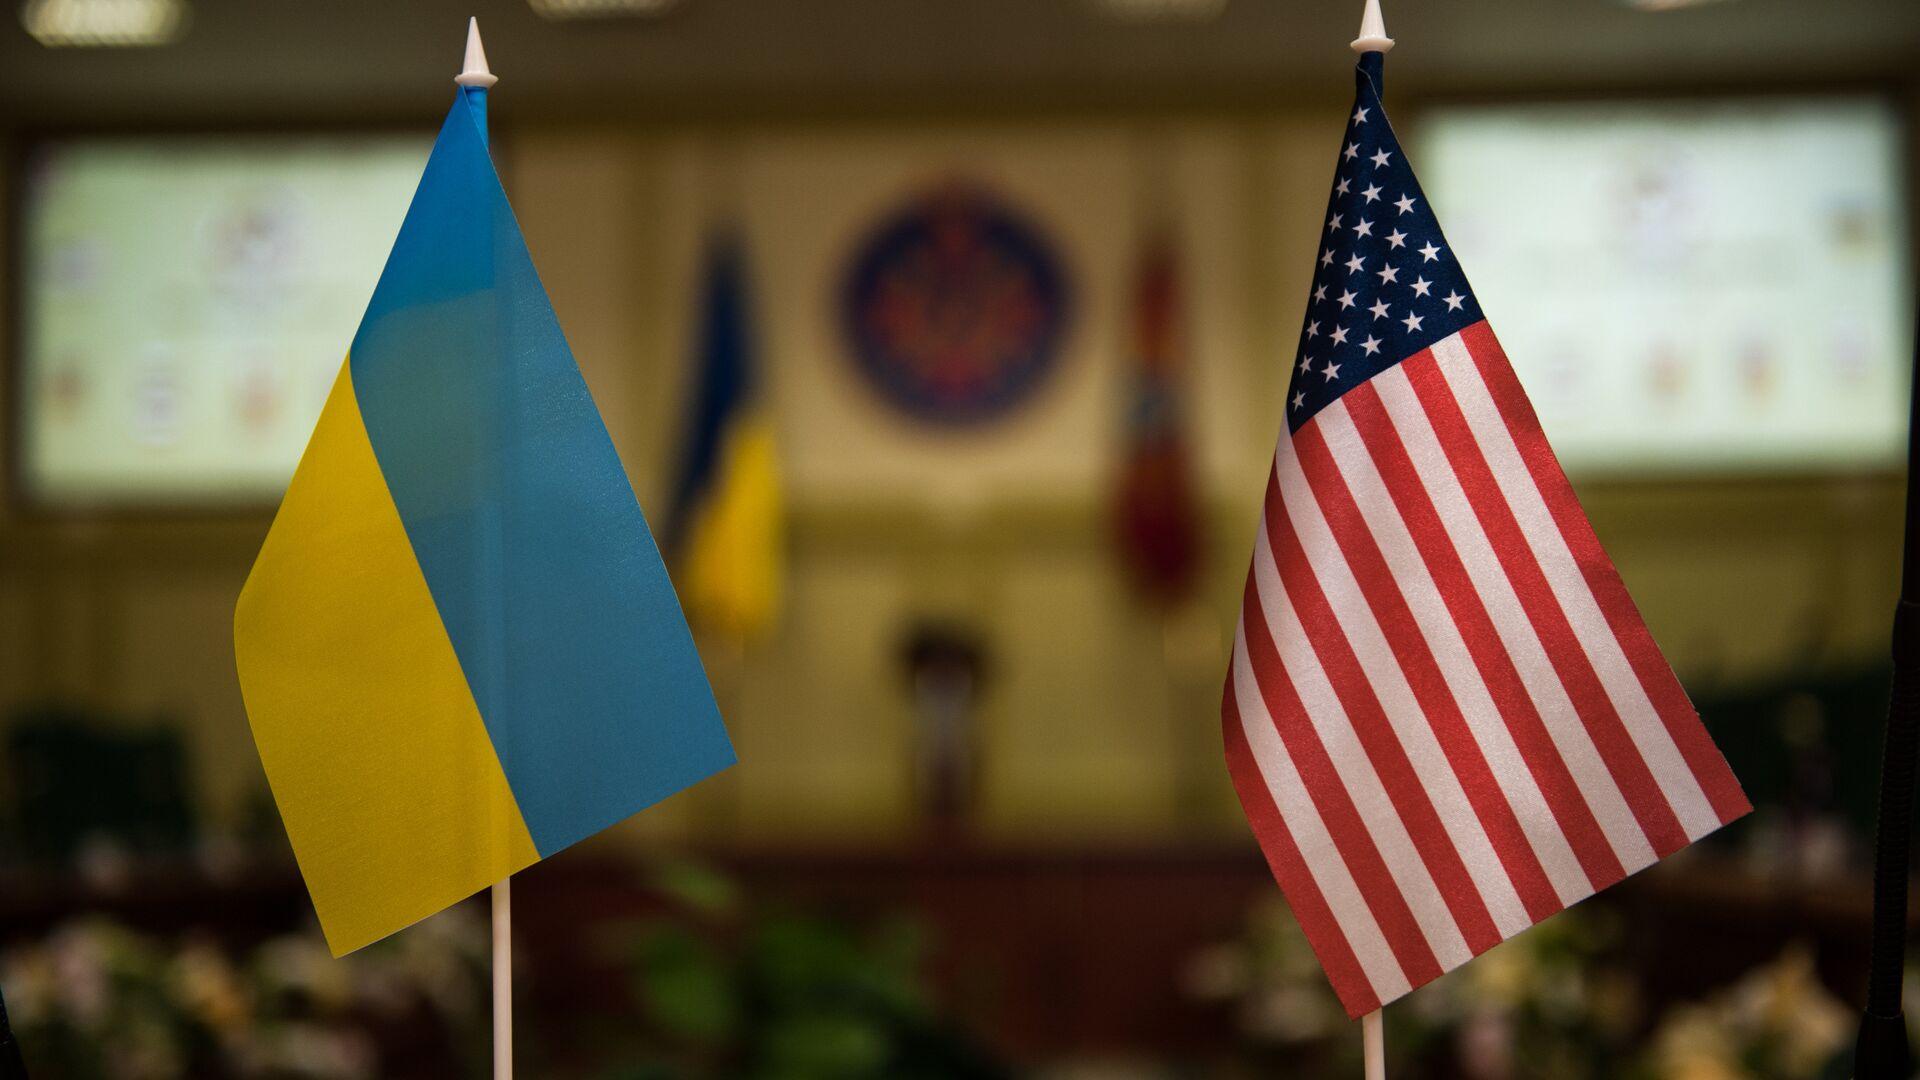 Banderas Ucrania y EEUU - Sputnik Mundo, 1920, 20.02.2021